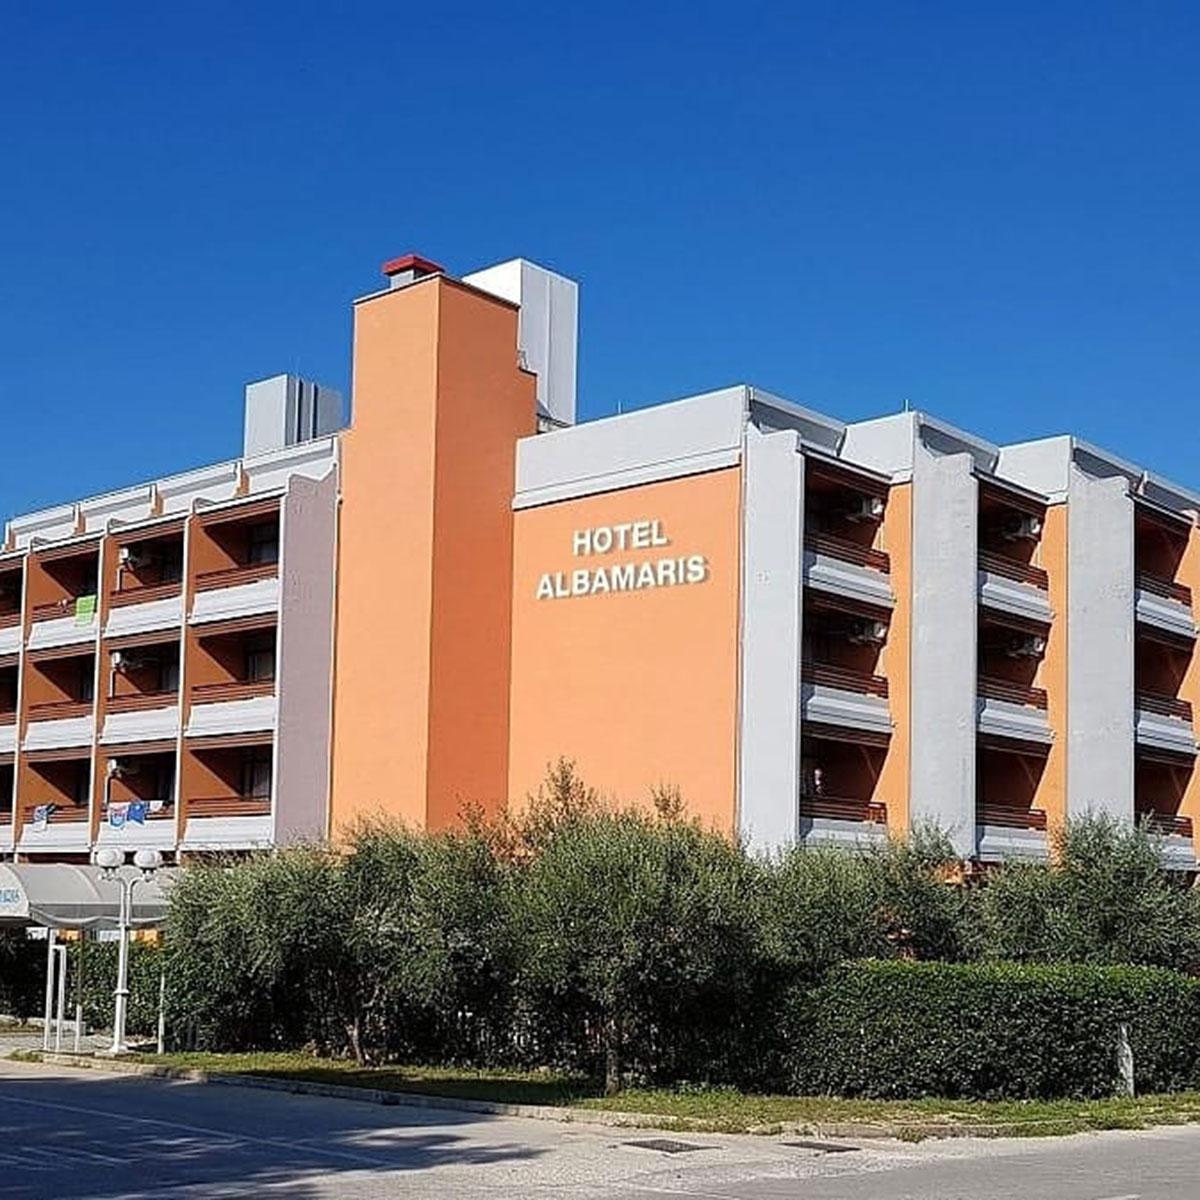 Hrvatska, Biograd, Hotel Albamaris